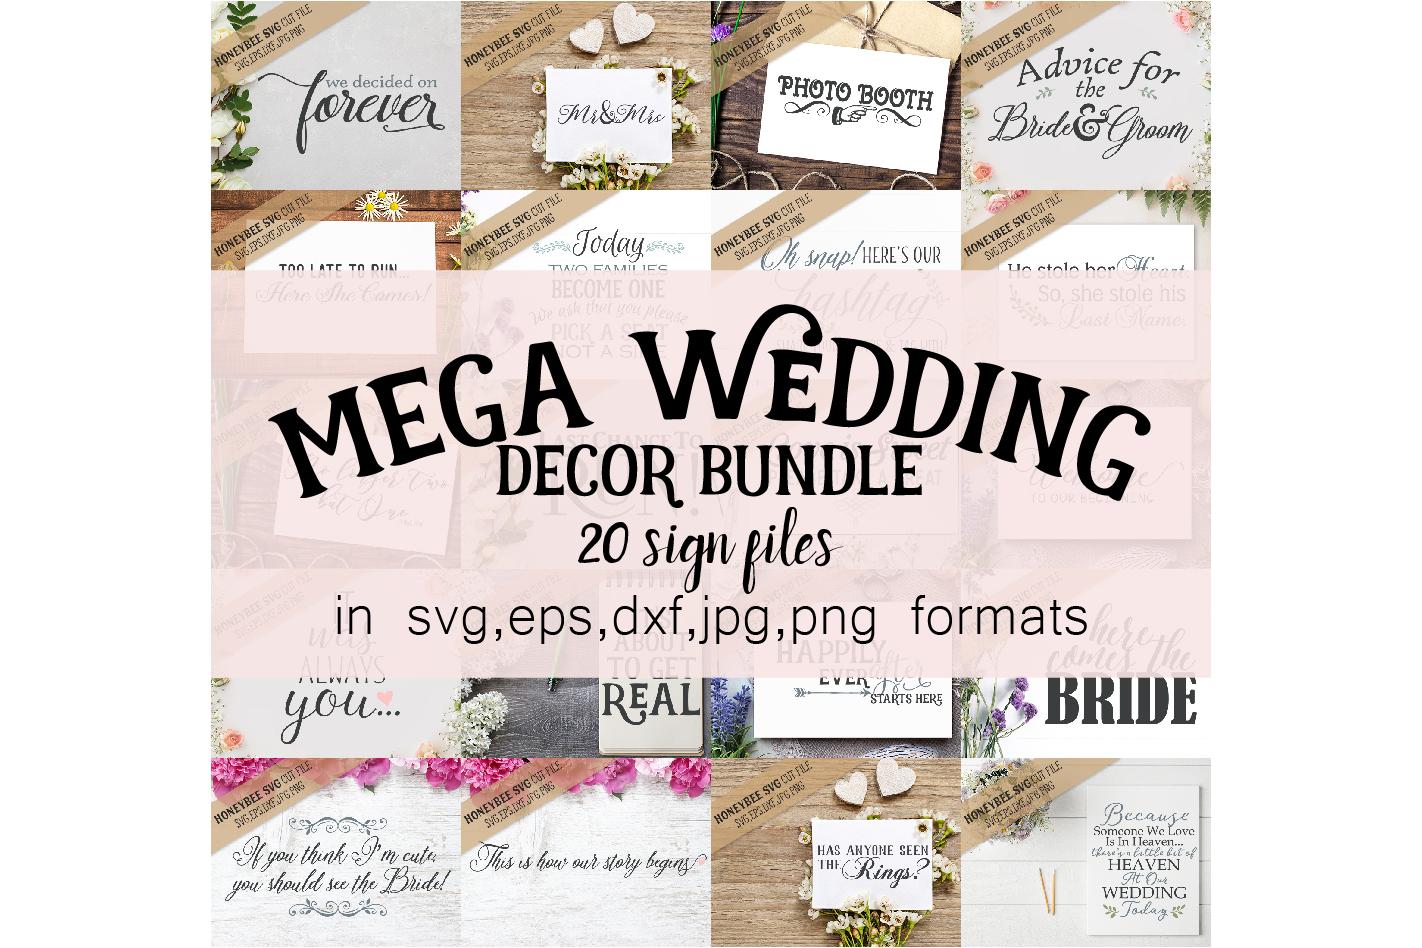 Mega Wedding Decor Bundle svg example image 1